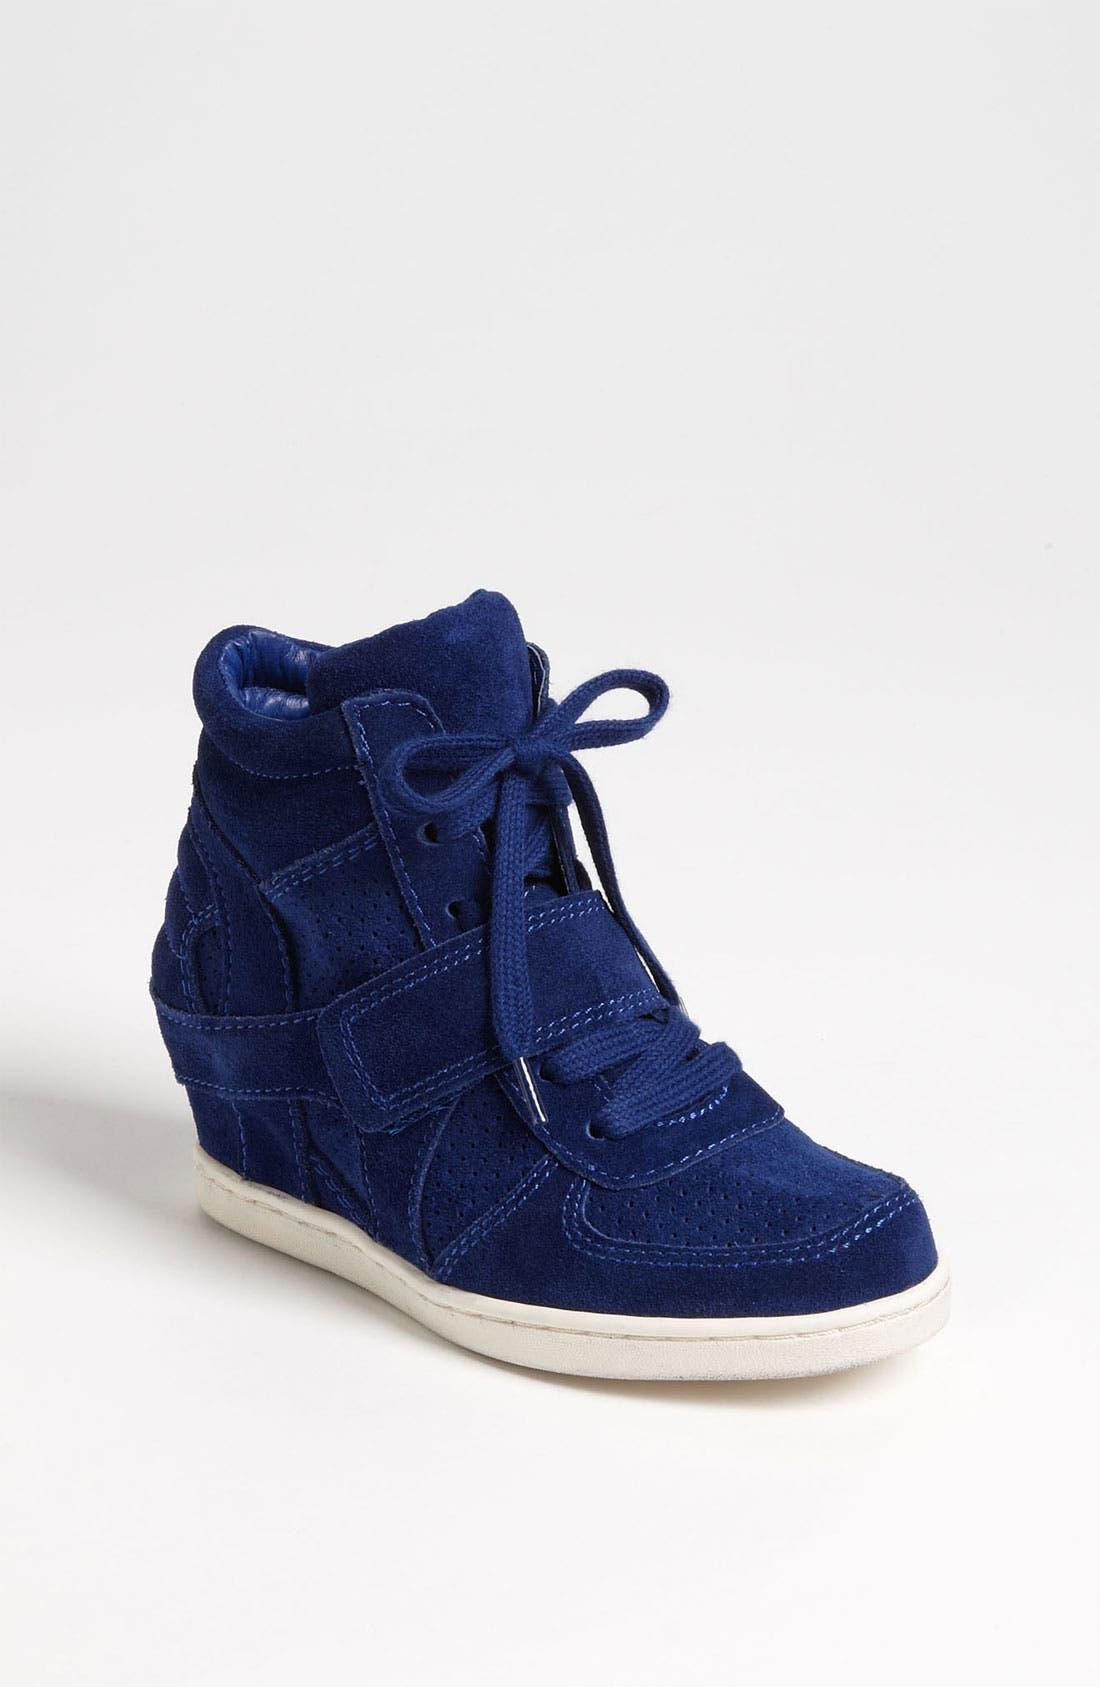 Main Image - Ash 'Babe' Sneaker (Toddler, Little Kid & Big Kid)